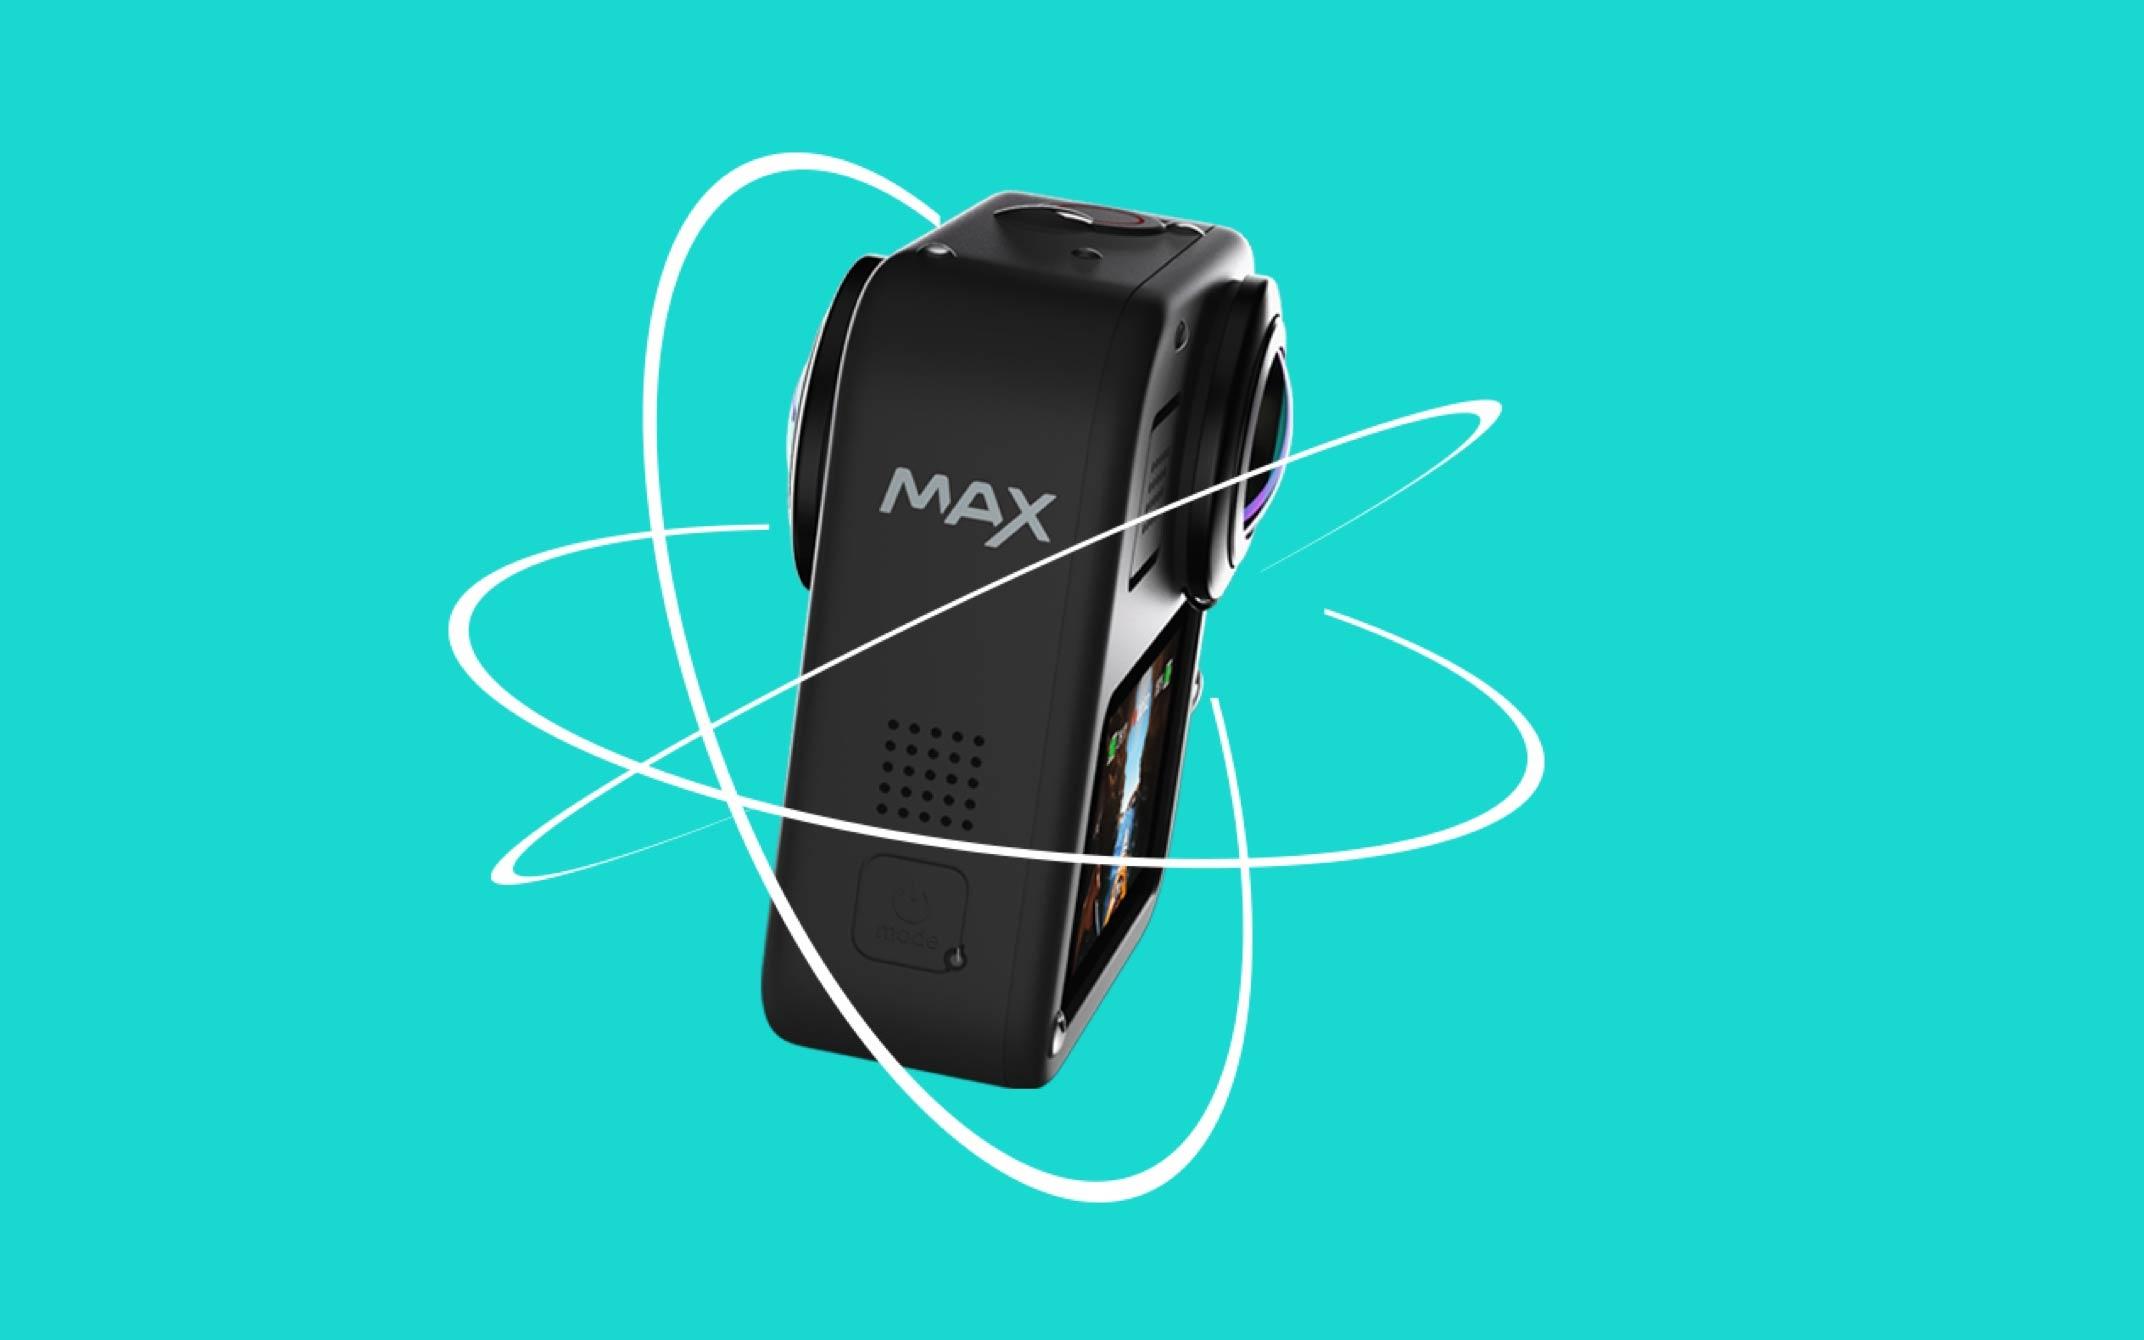 Die GoPro MAX: die neue 360 Grad Kamera von GoPro